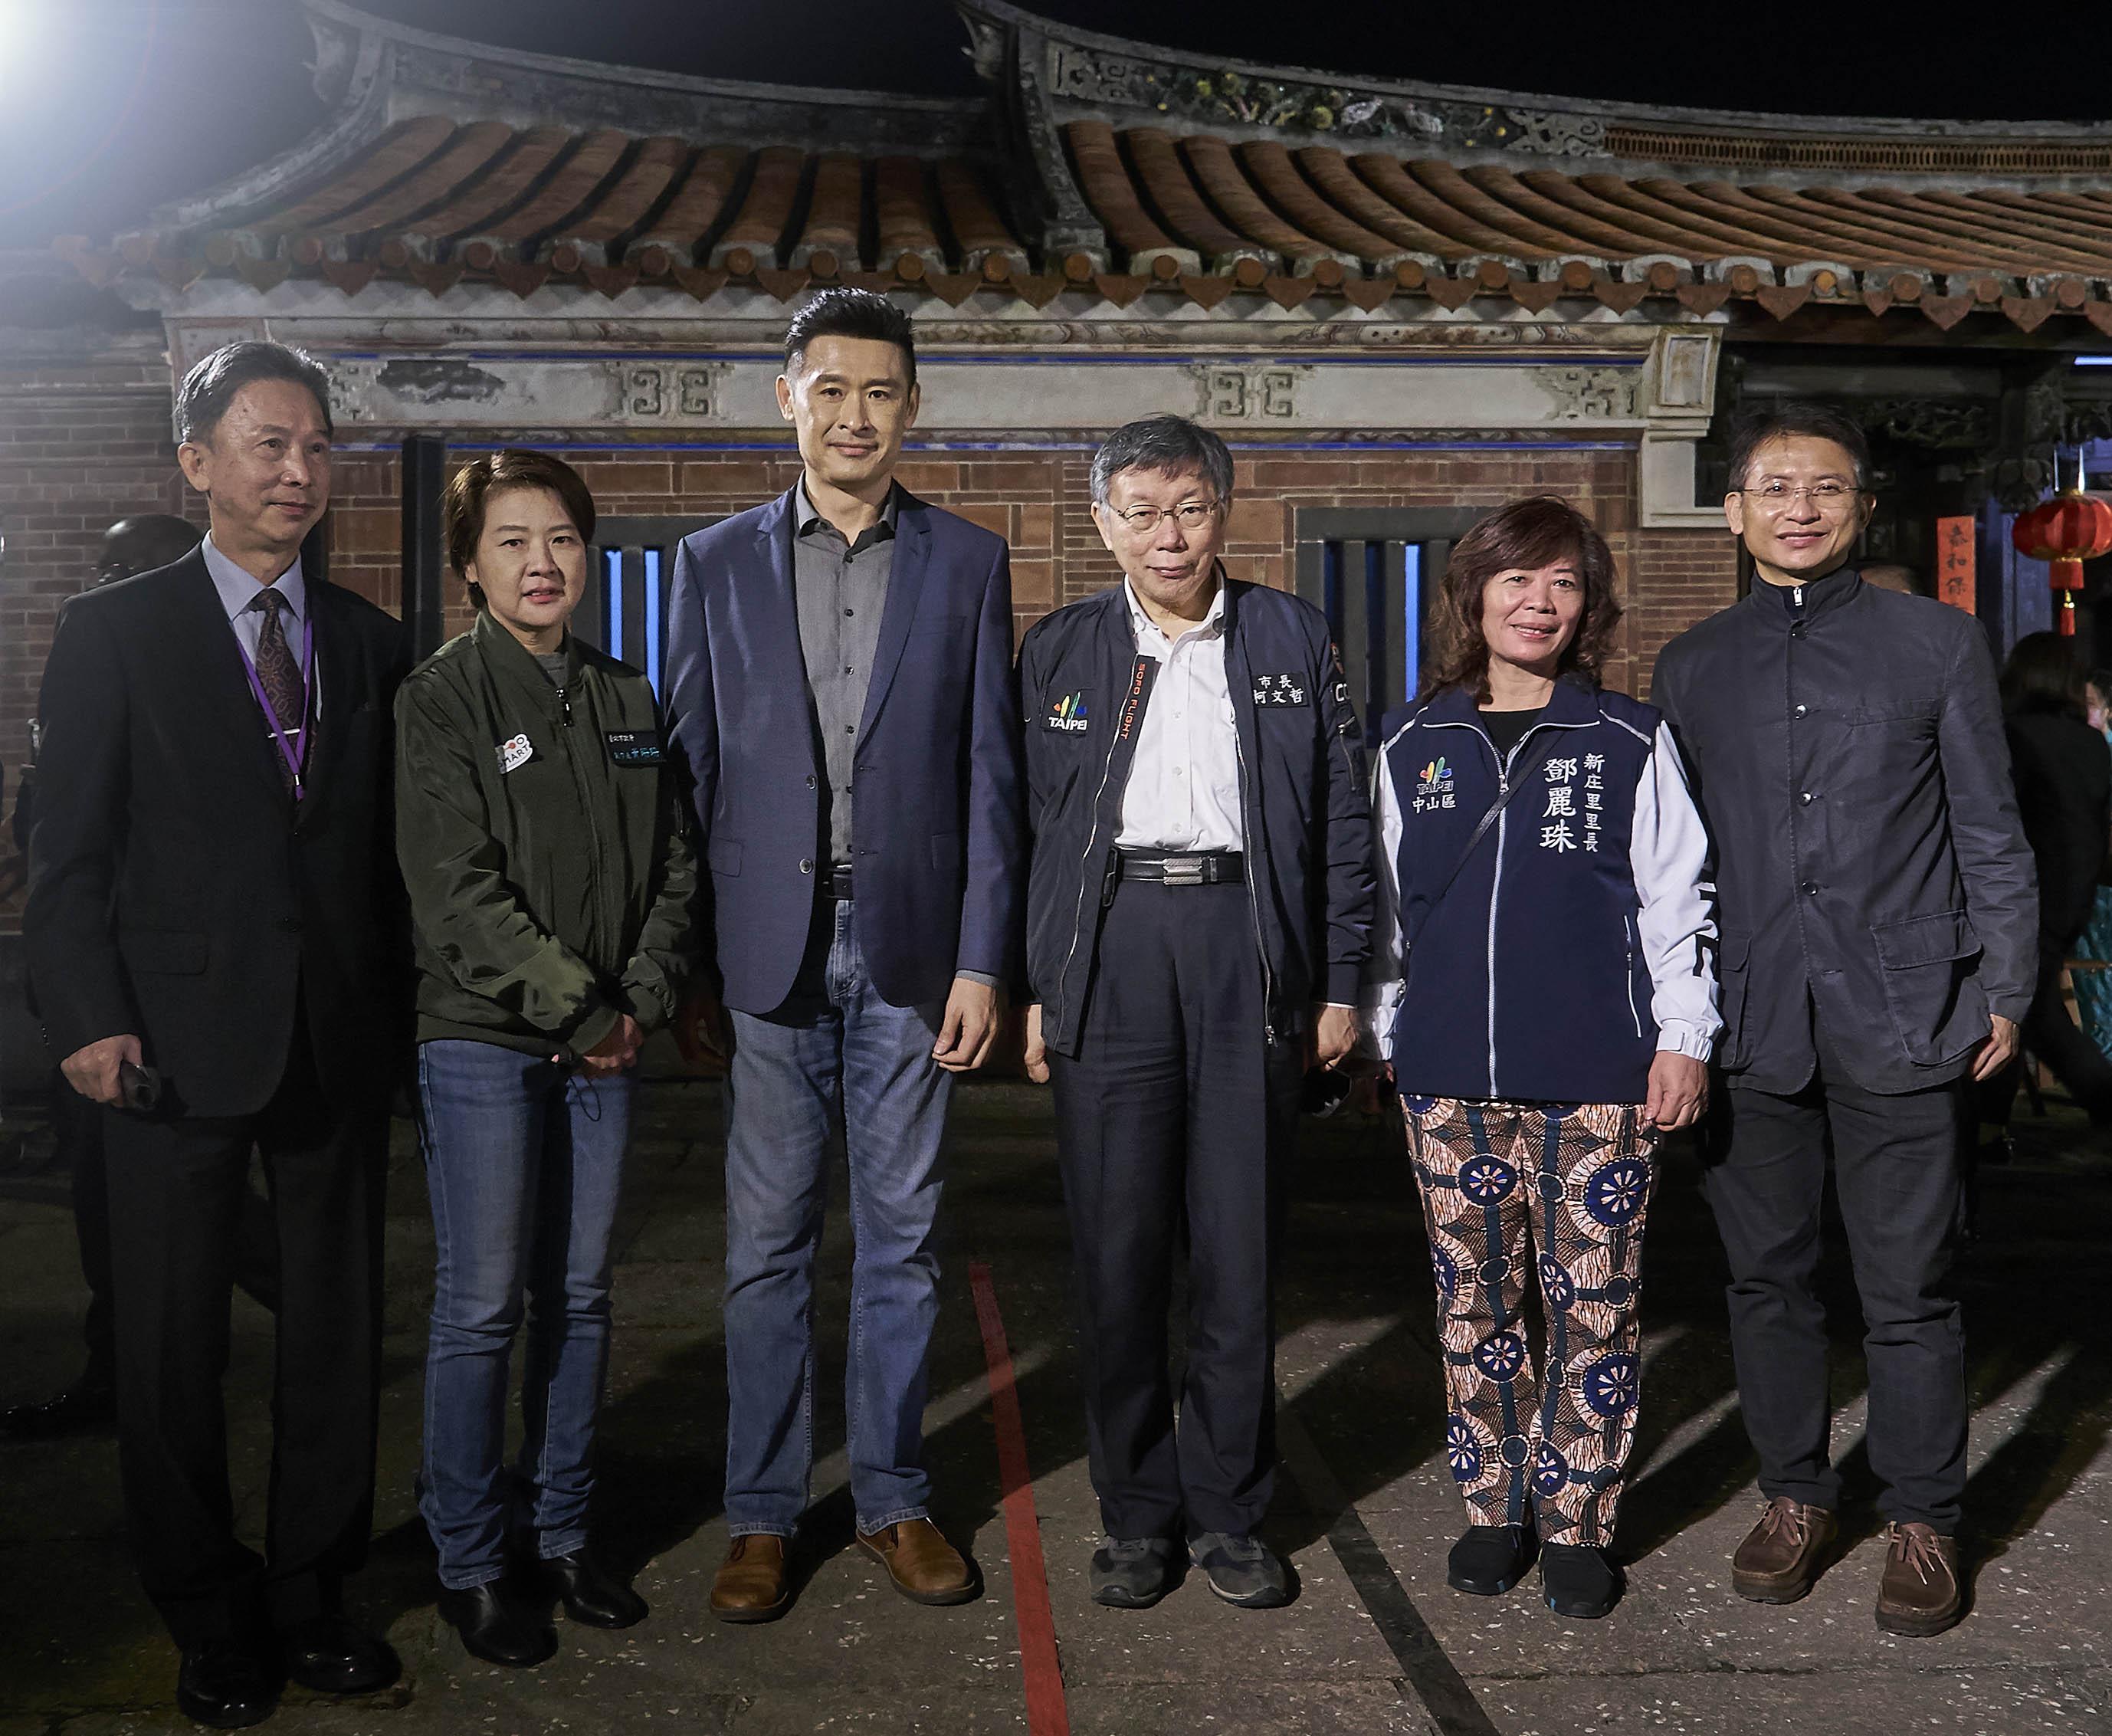 台北市長柯文哲、副市長黃珊珊與 Kymco 董事長柯勝峯在智慧城市展系列活動「臺北之夜」見面交流電動機車發展現況。